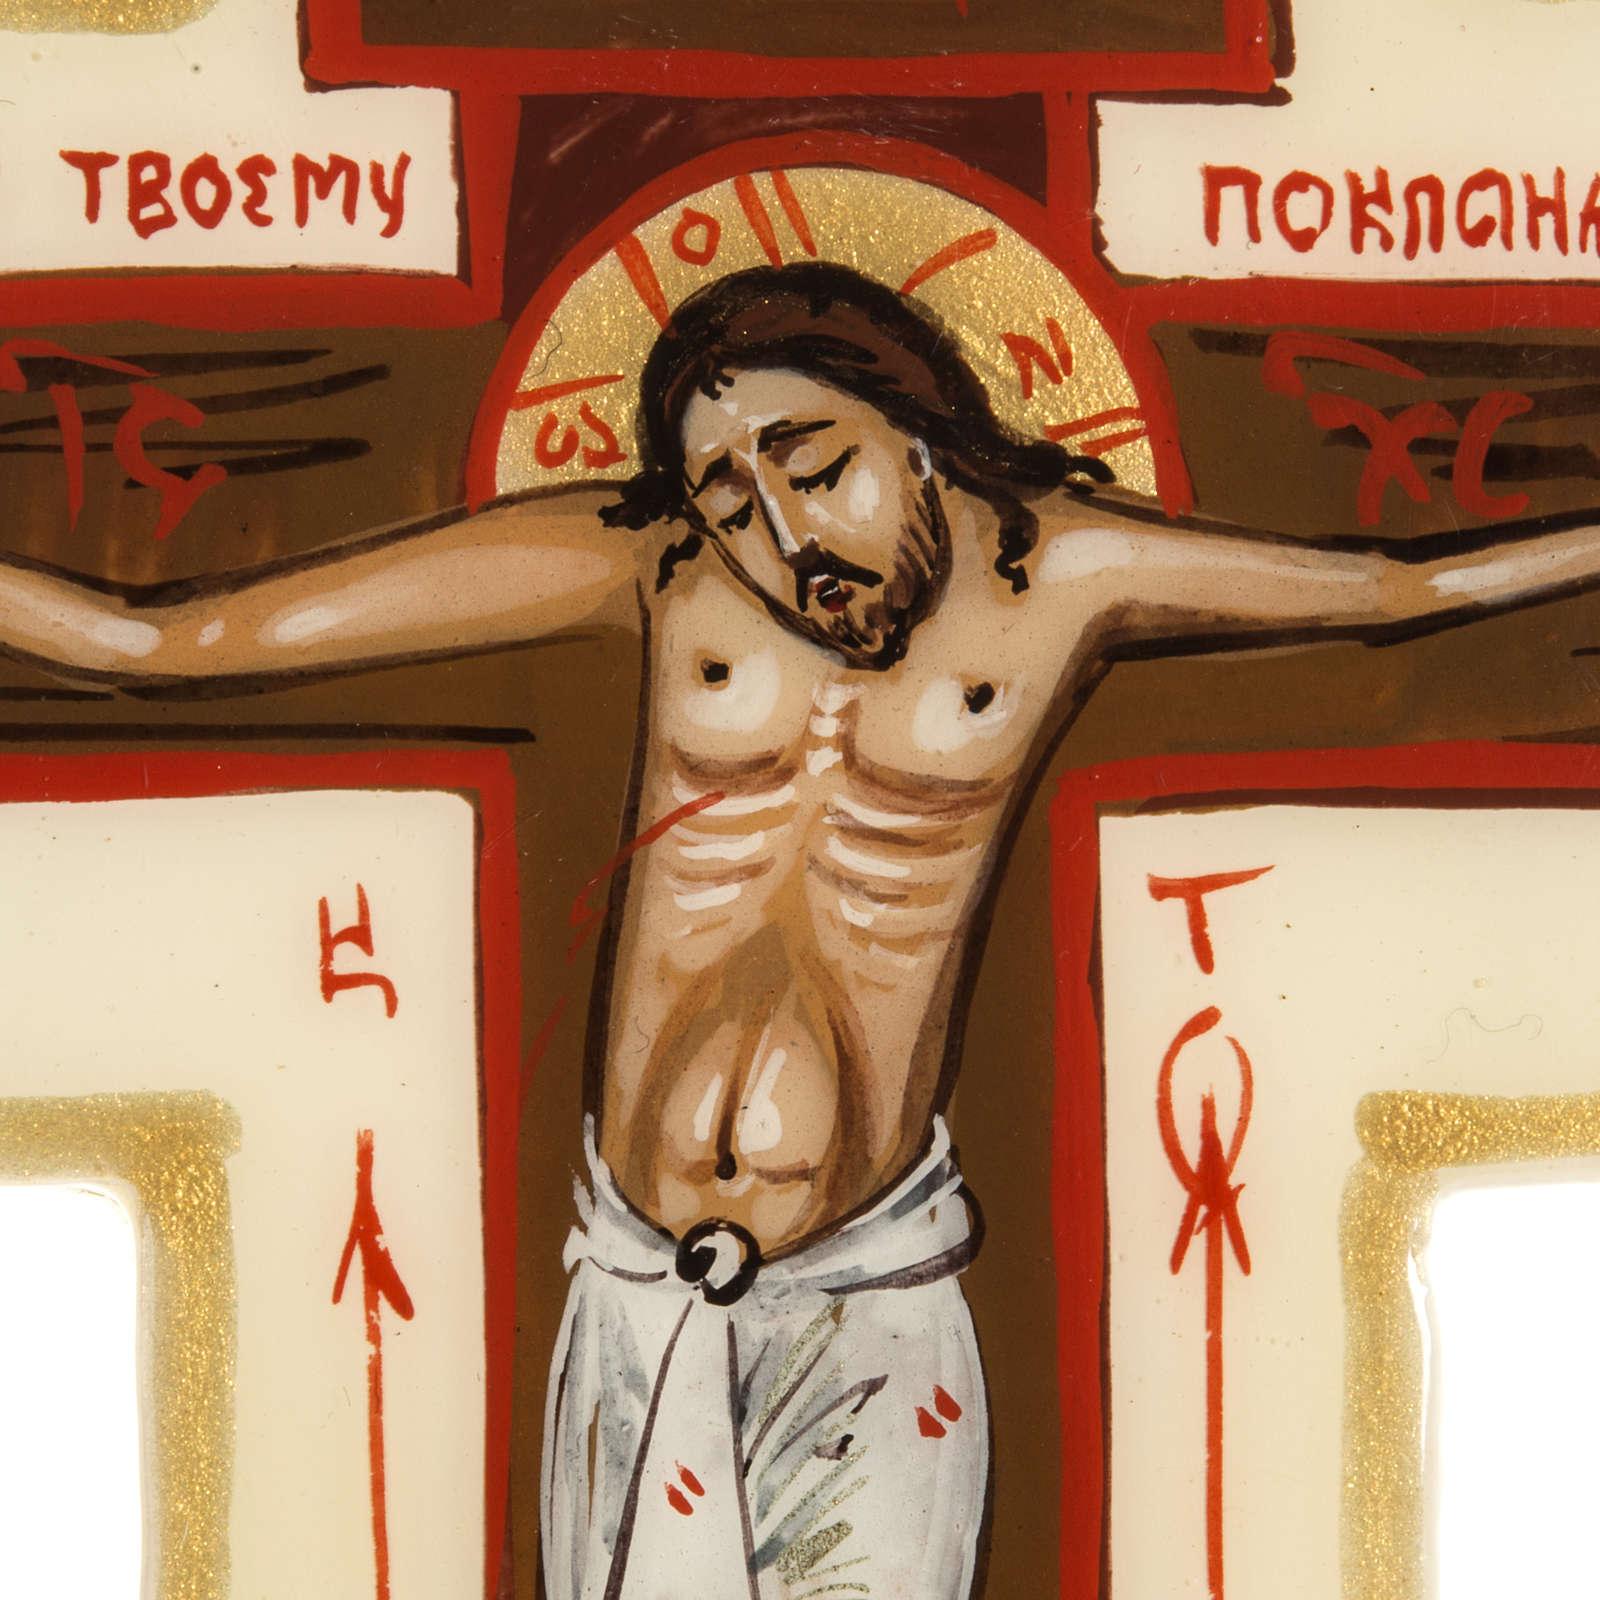 Croce icona trilobata avorio Mstjora 17x13 4